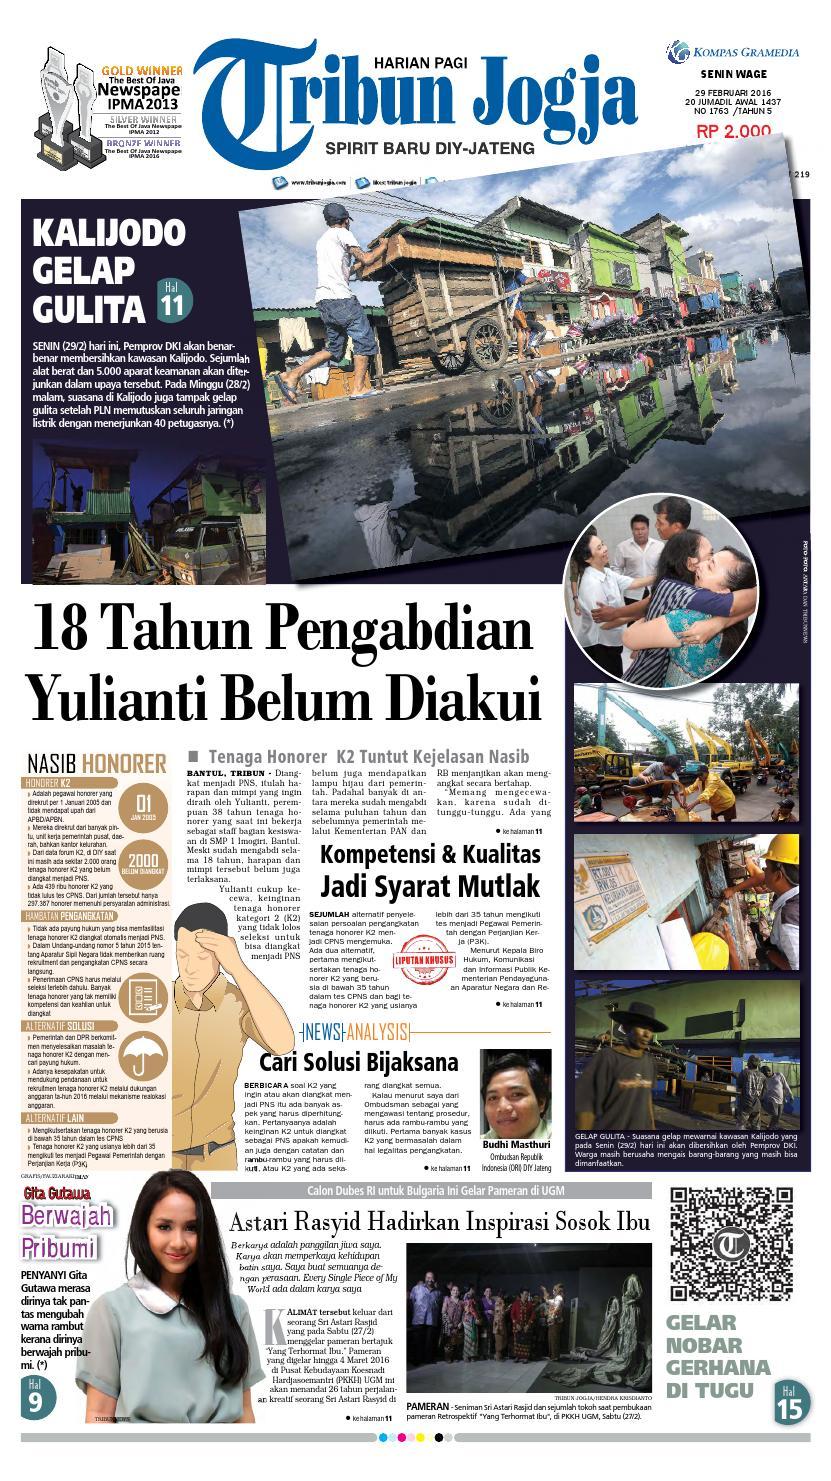 Tribunjogja 29 02 2016 By Tribun Jogja Issuu Produk Ukm Bumn Dompet Double Bordir Rikaamp039s